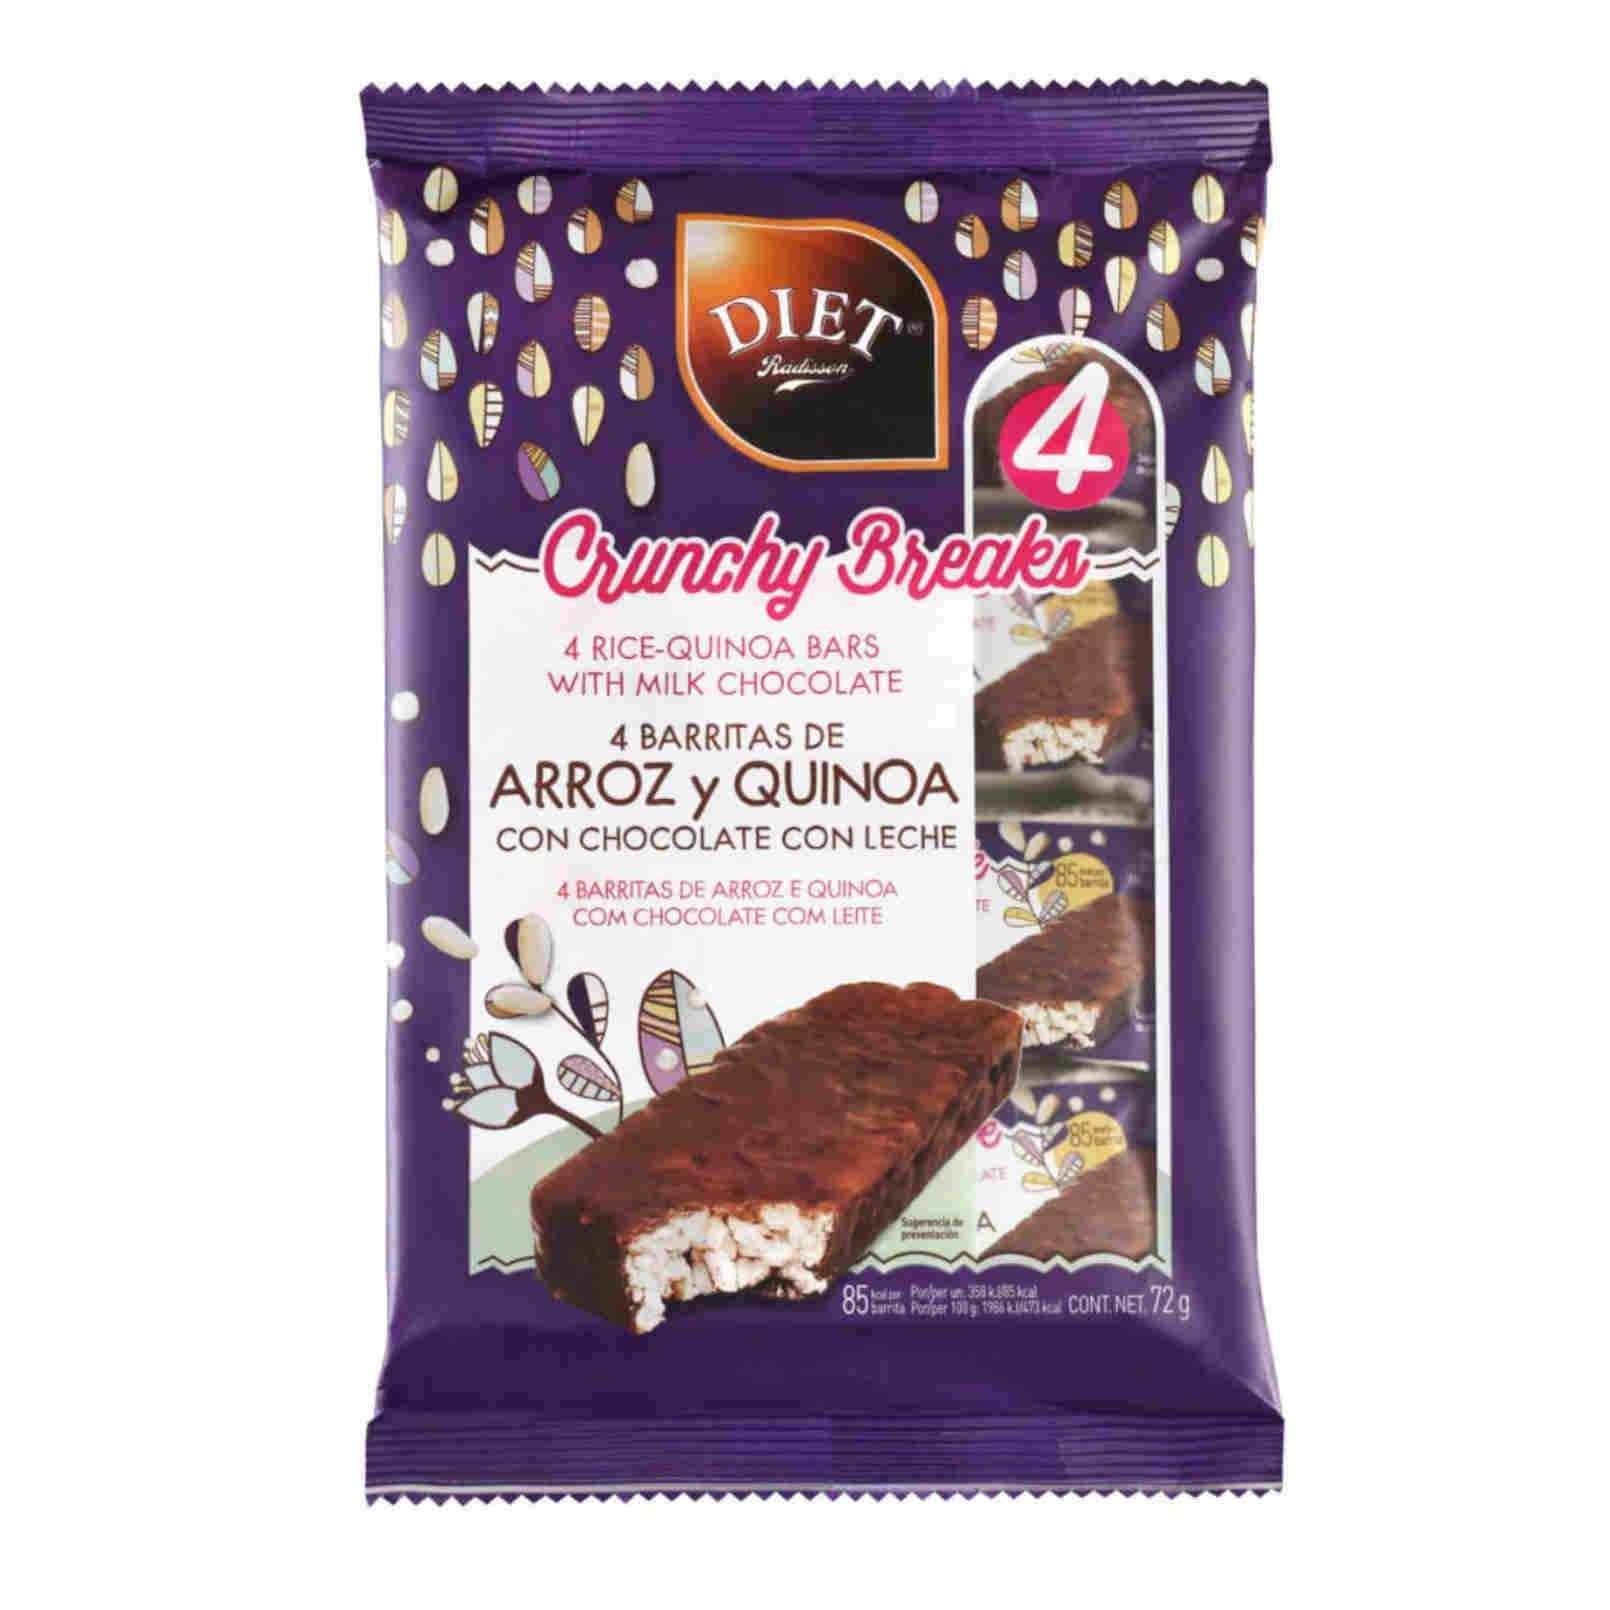 BARRITAS DE ARROZ Y QUINOA CON CHOCOLATE CON LECHE - 4x18g